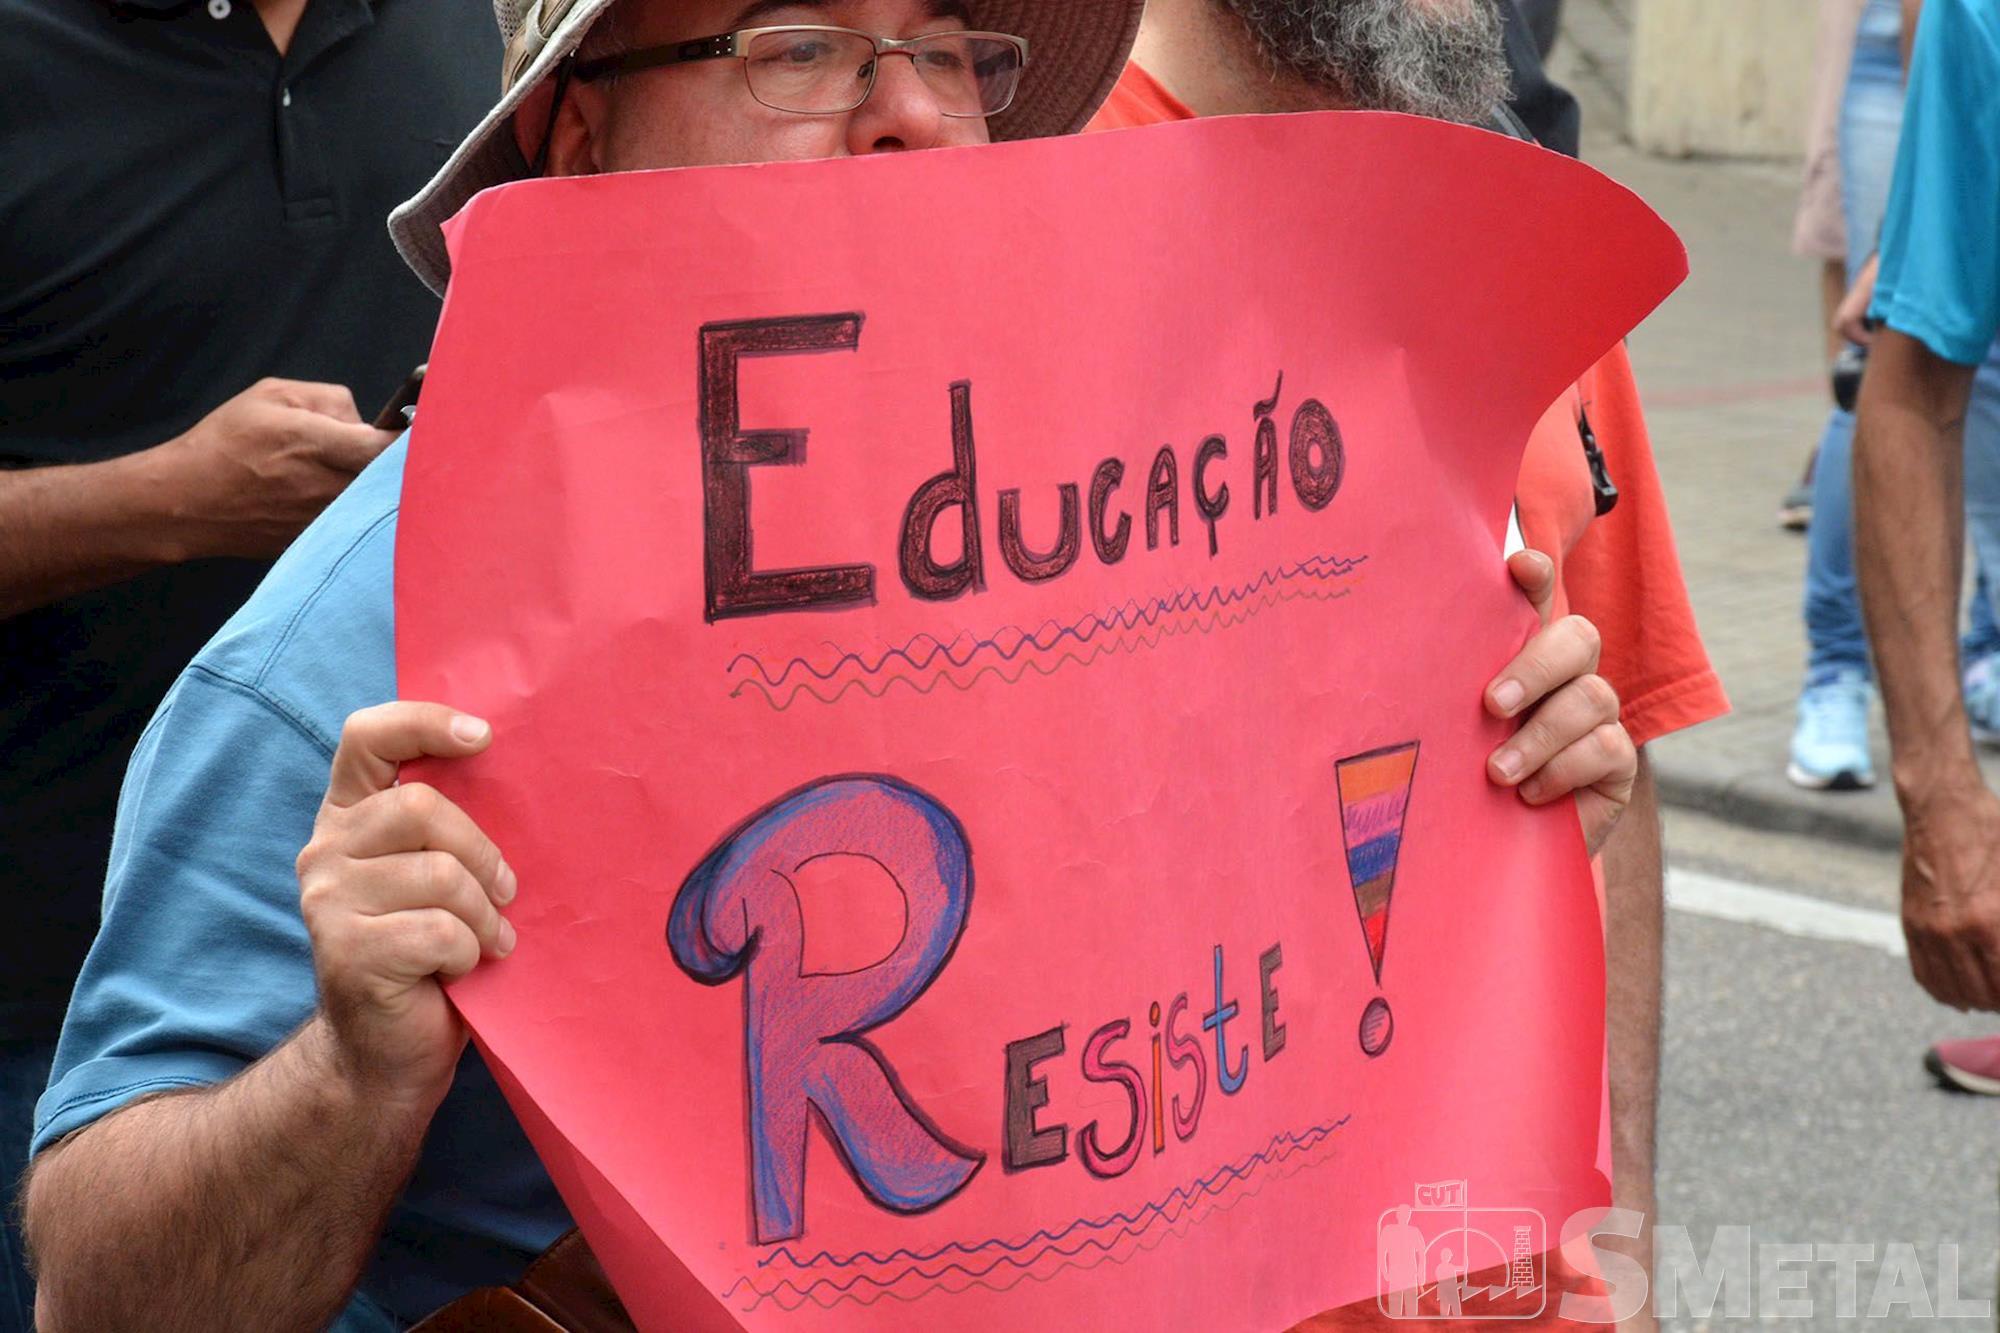 2º grande ato em defesa da Educação e da Aposentadoria em Sorocaba, educação,  aposentadoria,  protesto,  tsunami,  estudante,  juventude,  professor,  manifestação, Foguinho/Imprensa SMetal, 2º ato em defesa da Educação e da Aposentadoria em Sorocab